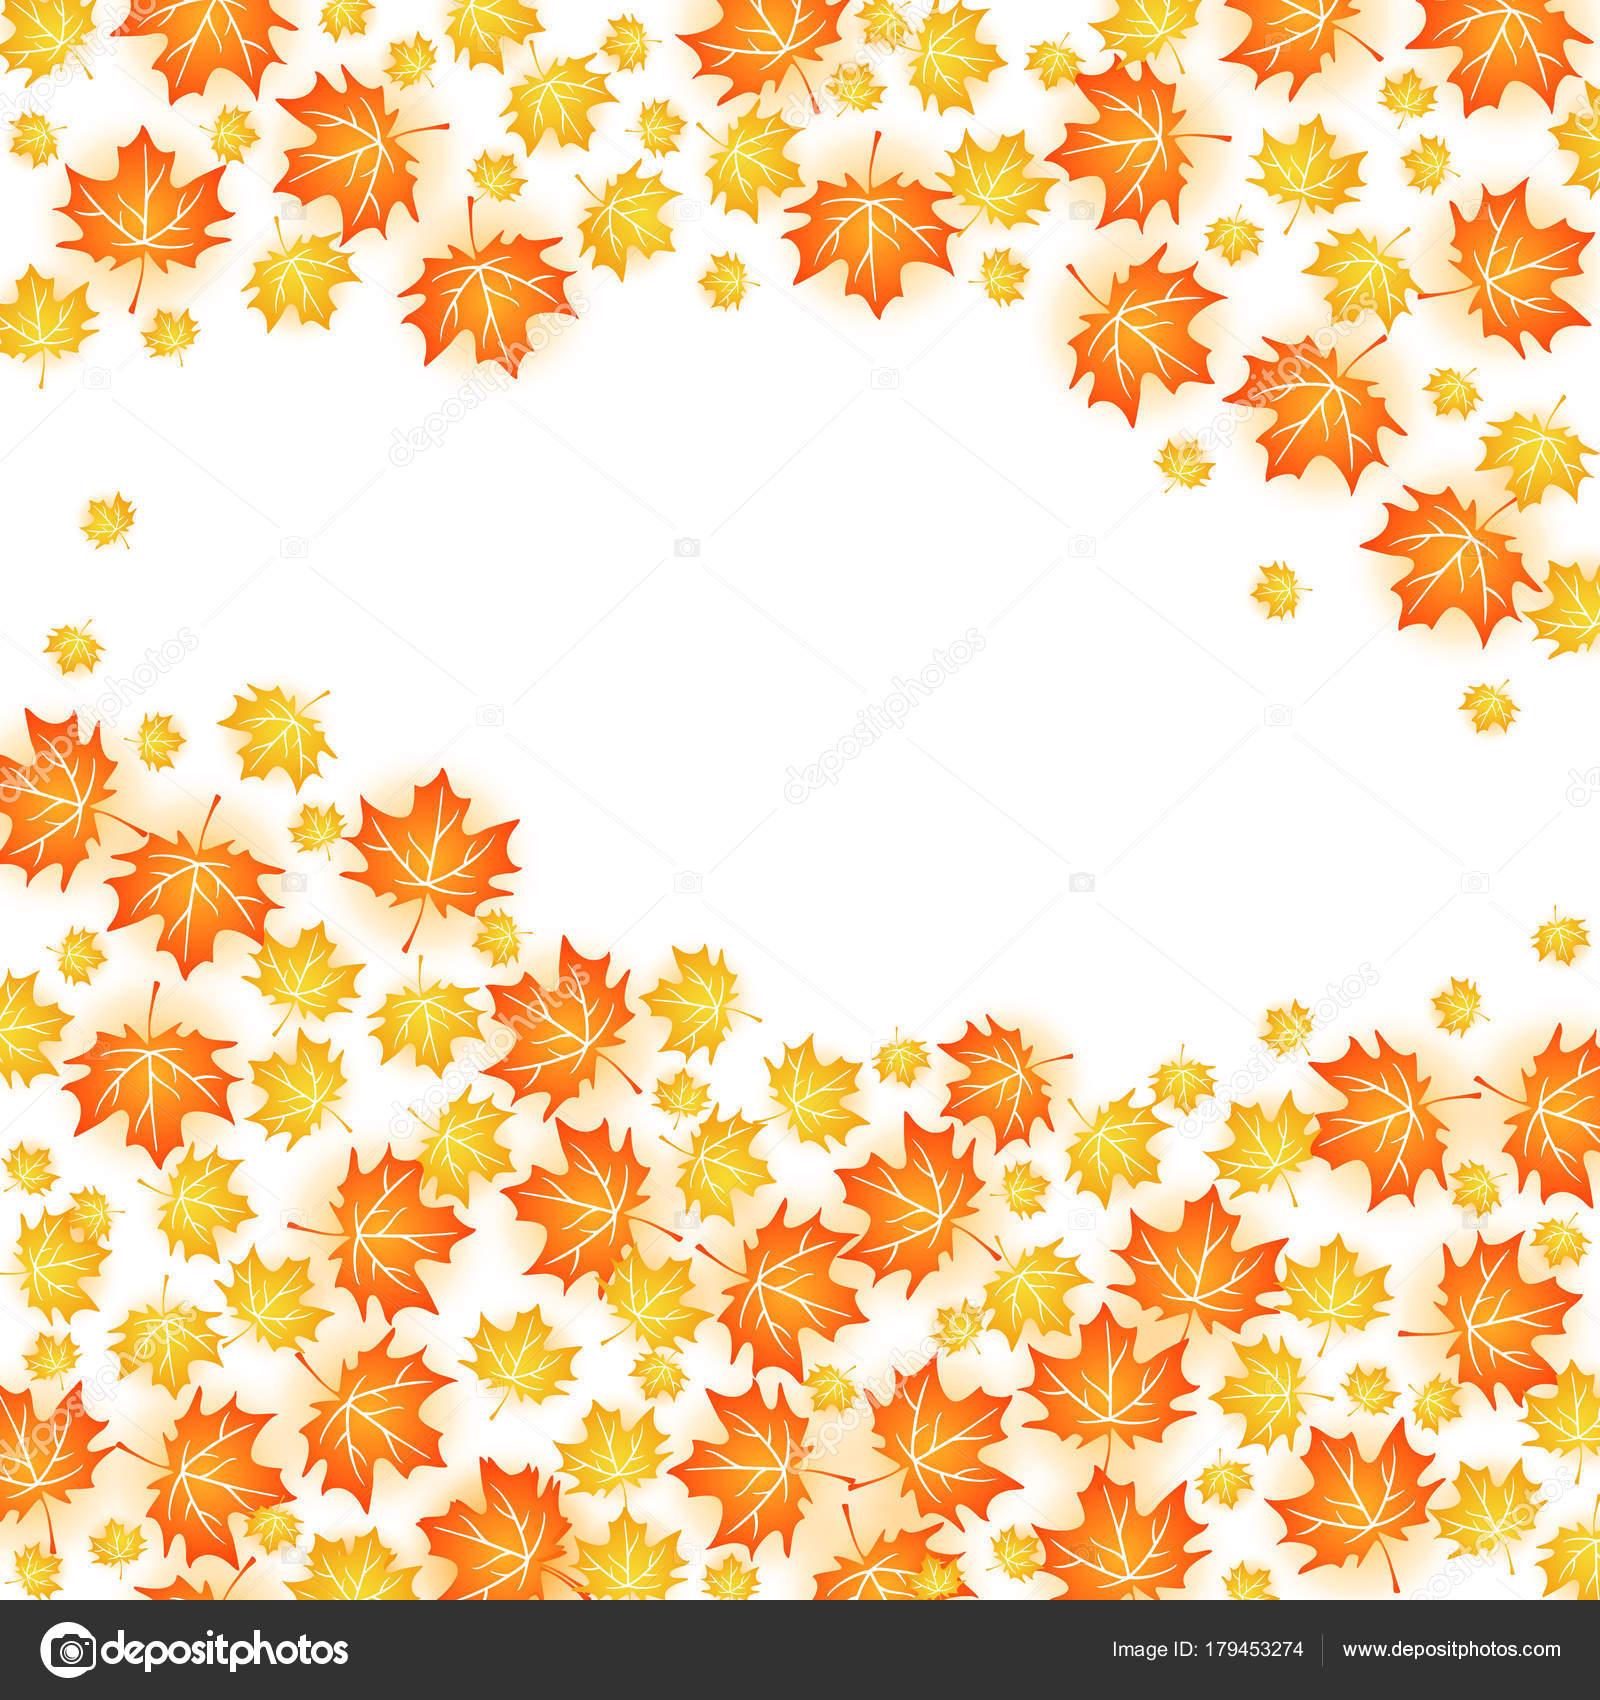 秋の背景イラストです 白秋のカエデの葉のベクター デザイン — ストック